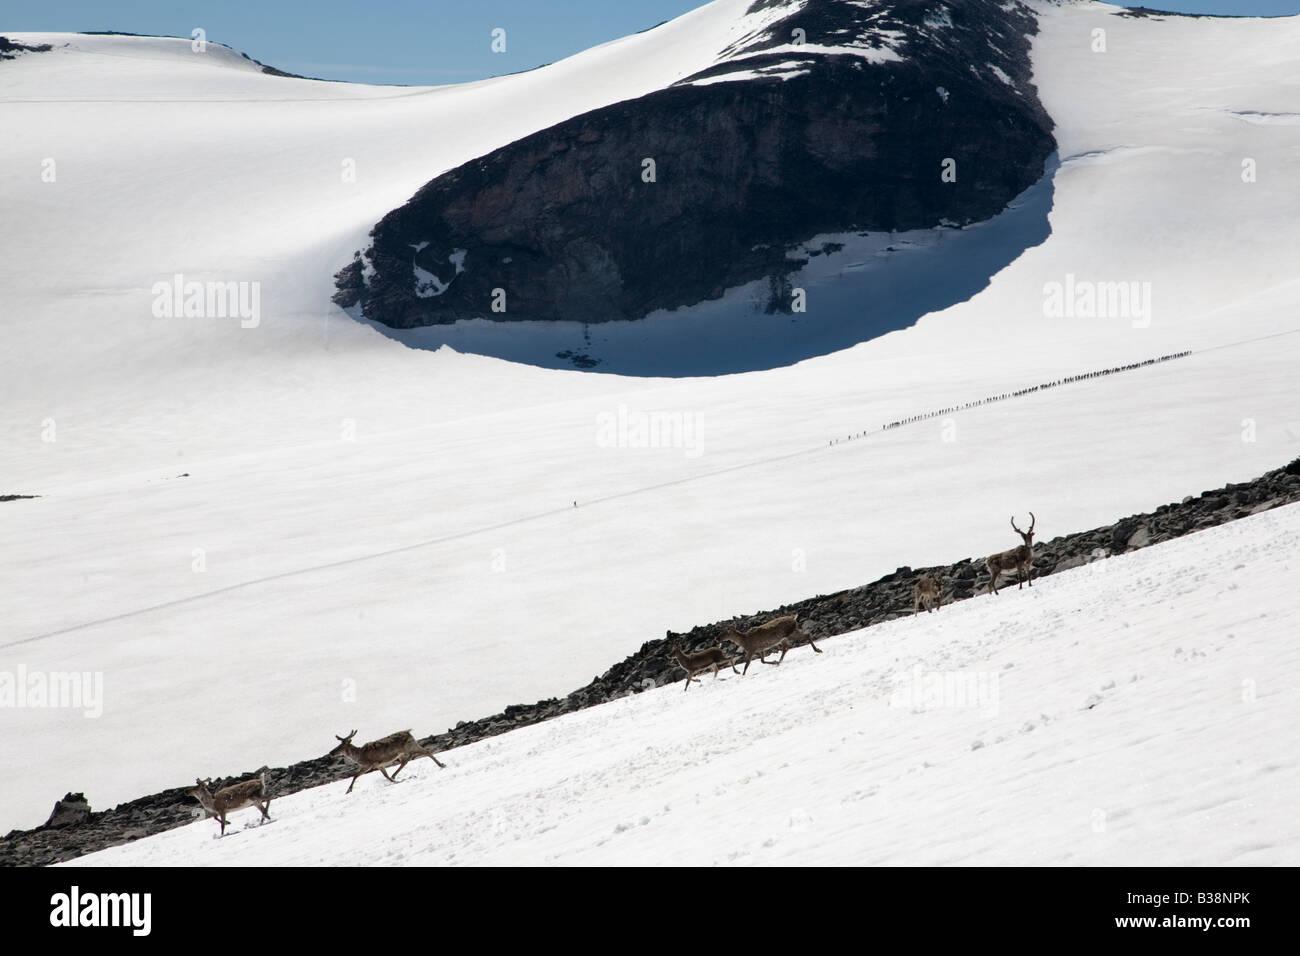 Norway Galdhöpiggen glacier with reindeer - Stock Image